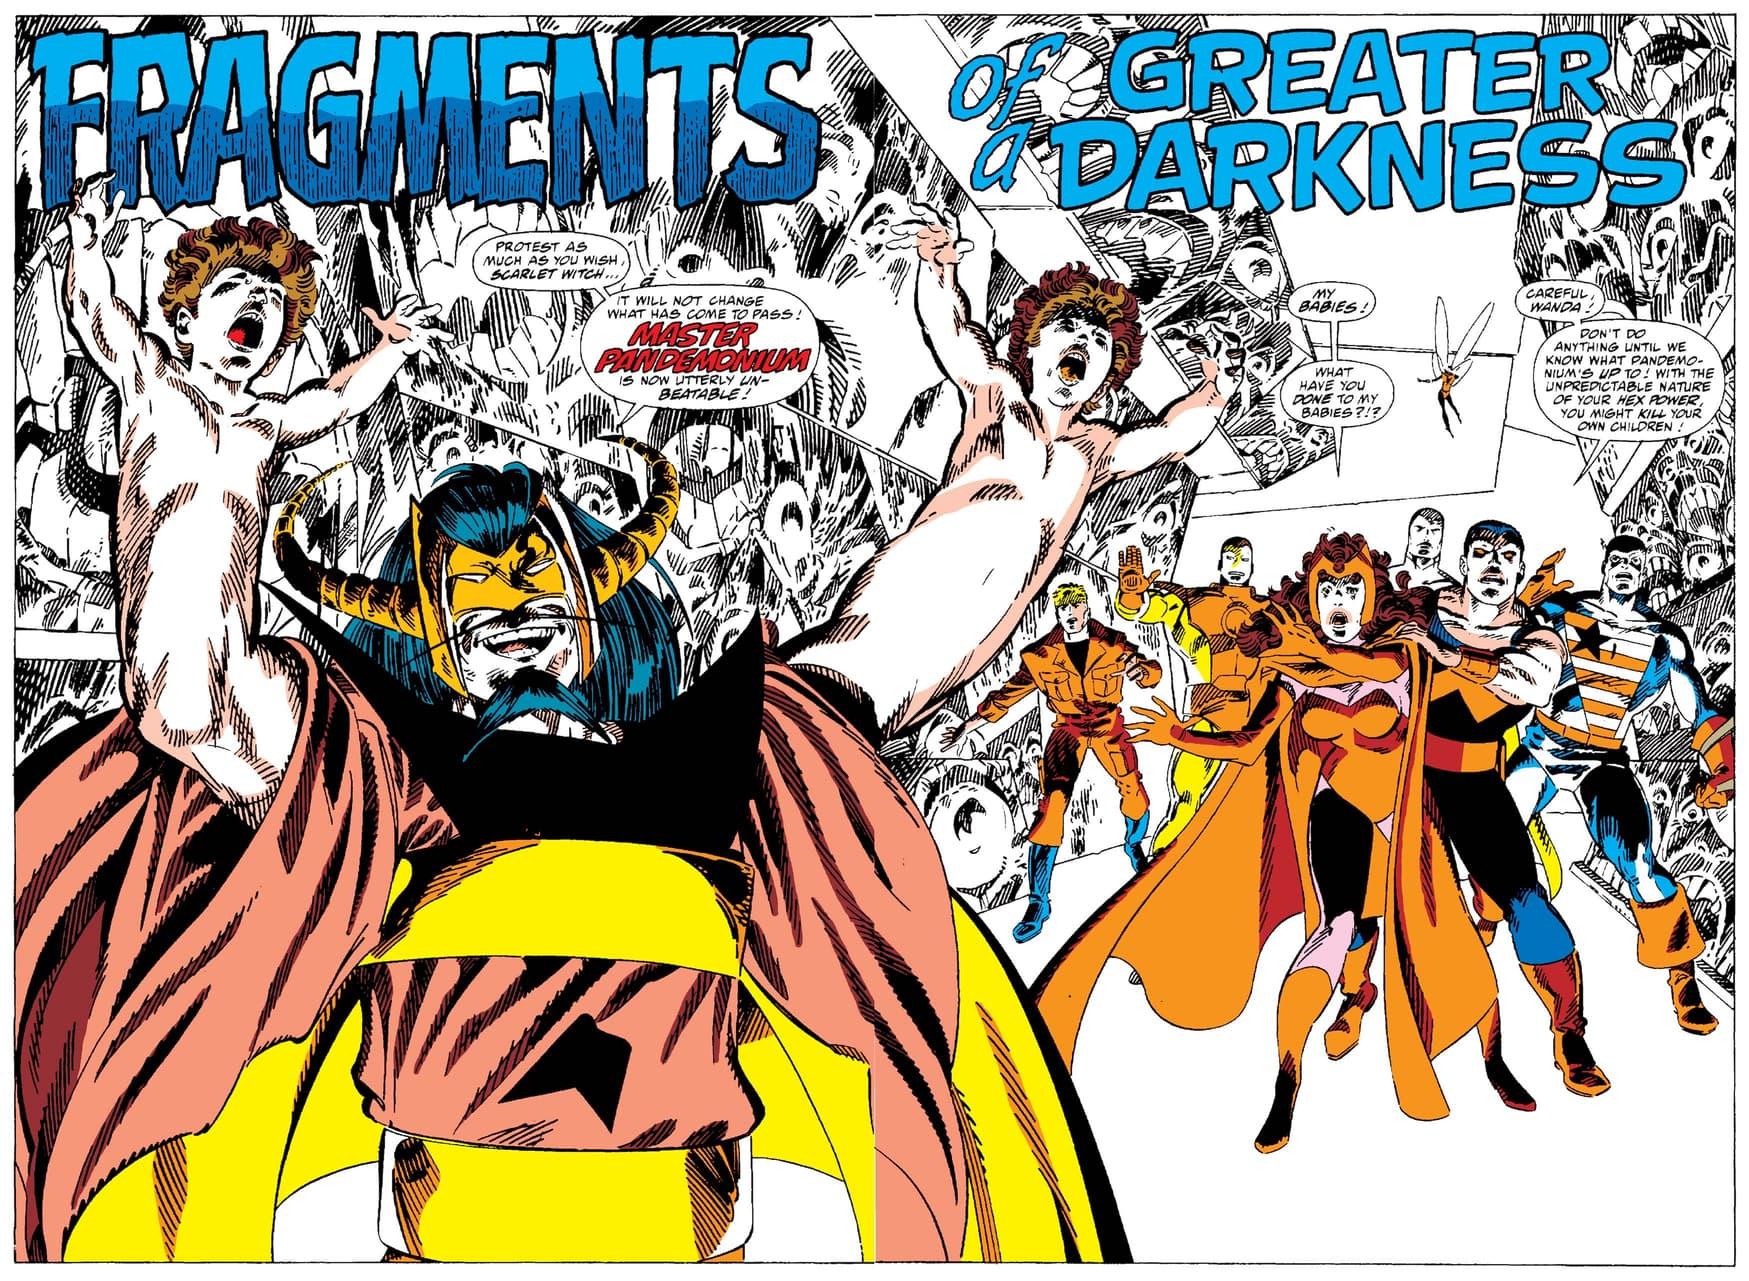 WEST COAST AVENGERS (1985) #52. Read Master Pandemonium's complete origin in issue #51!